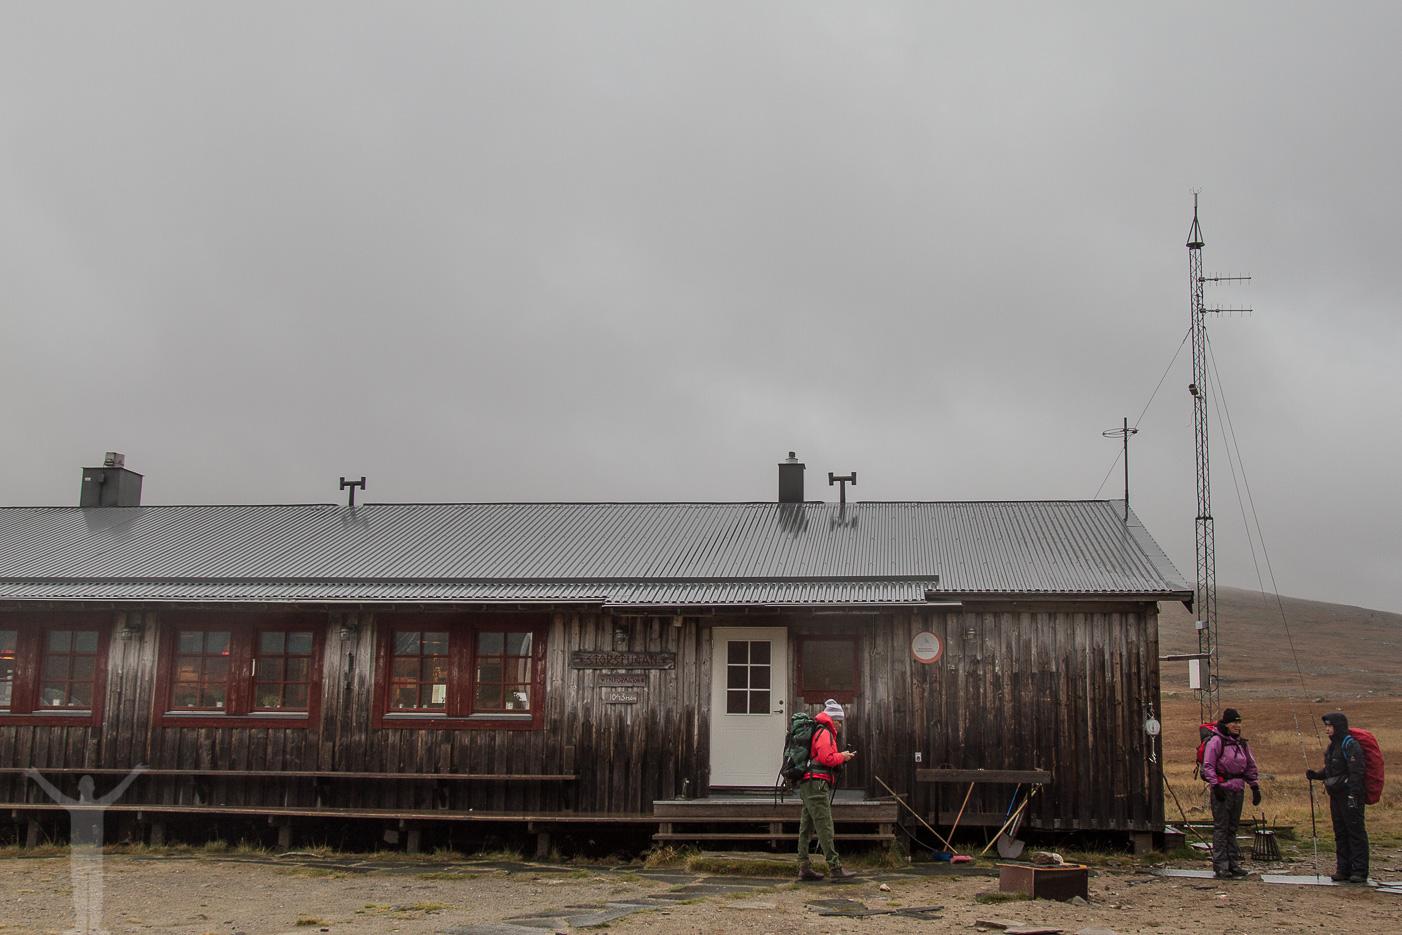 Helags fjällstation, Jämtland